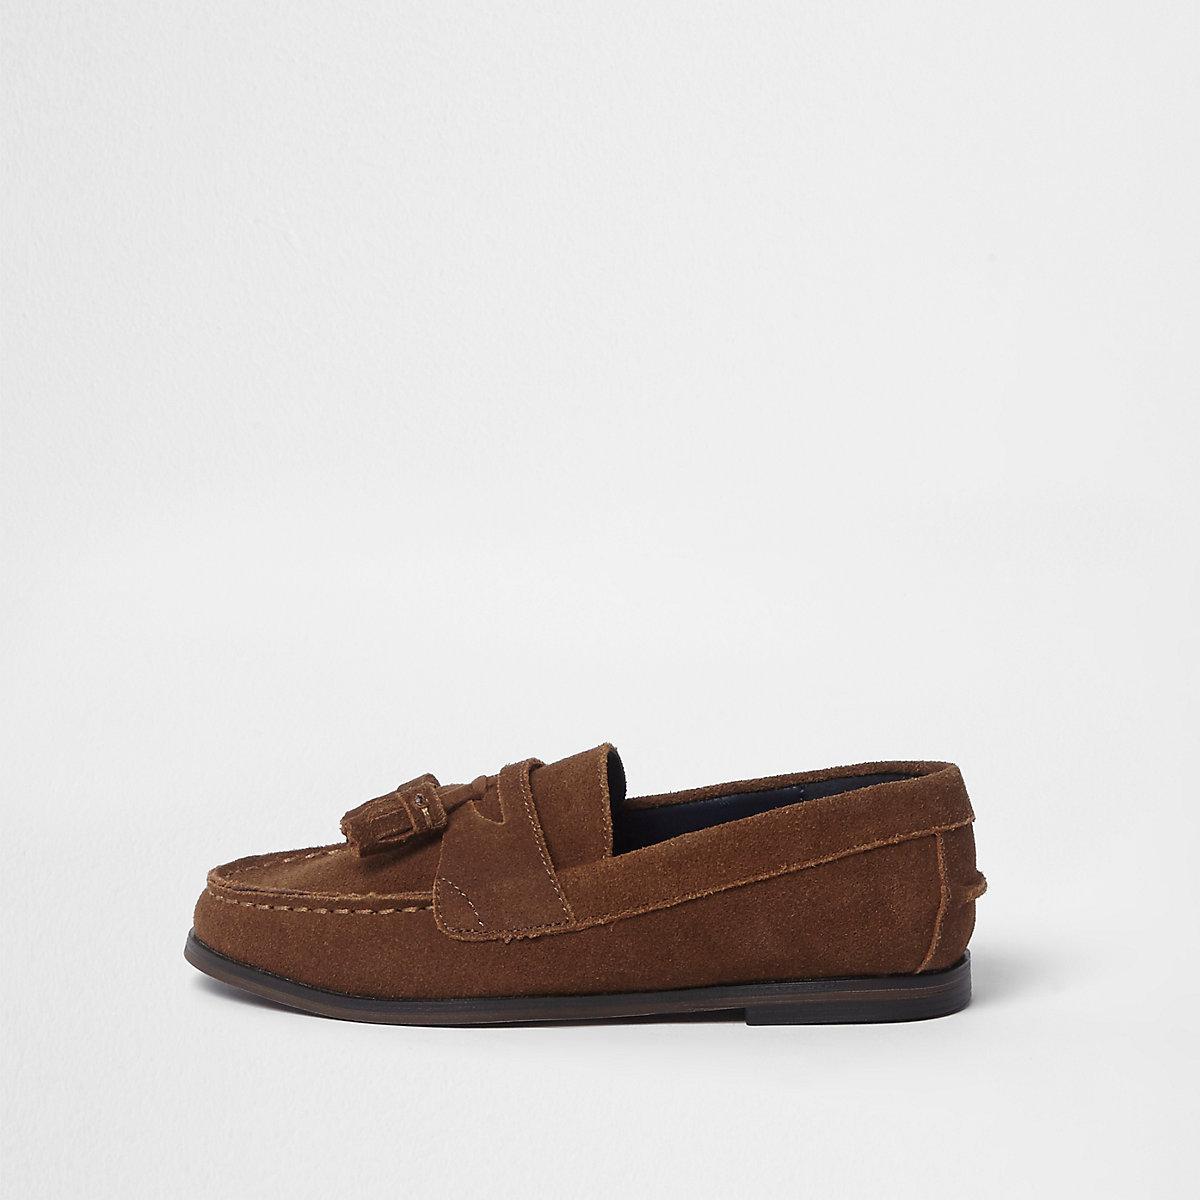 Boys tan suede tassel loafers